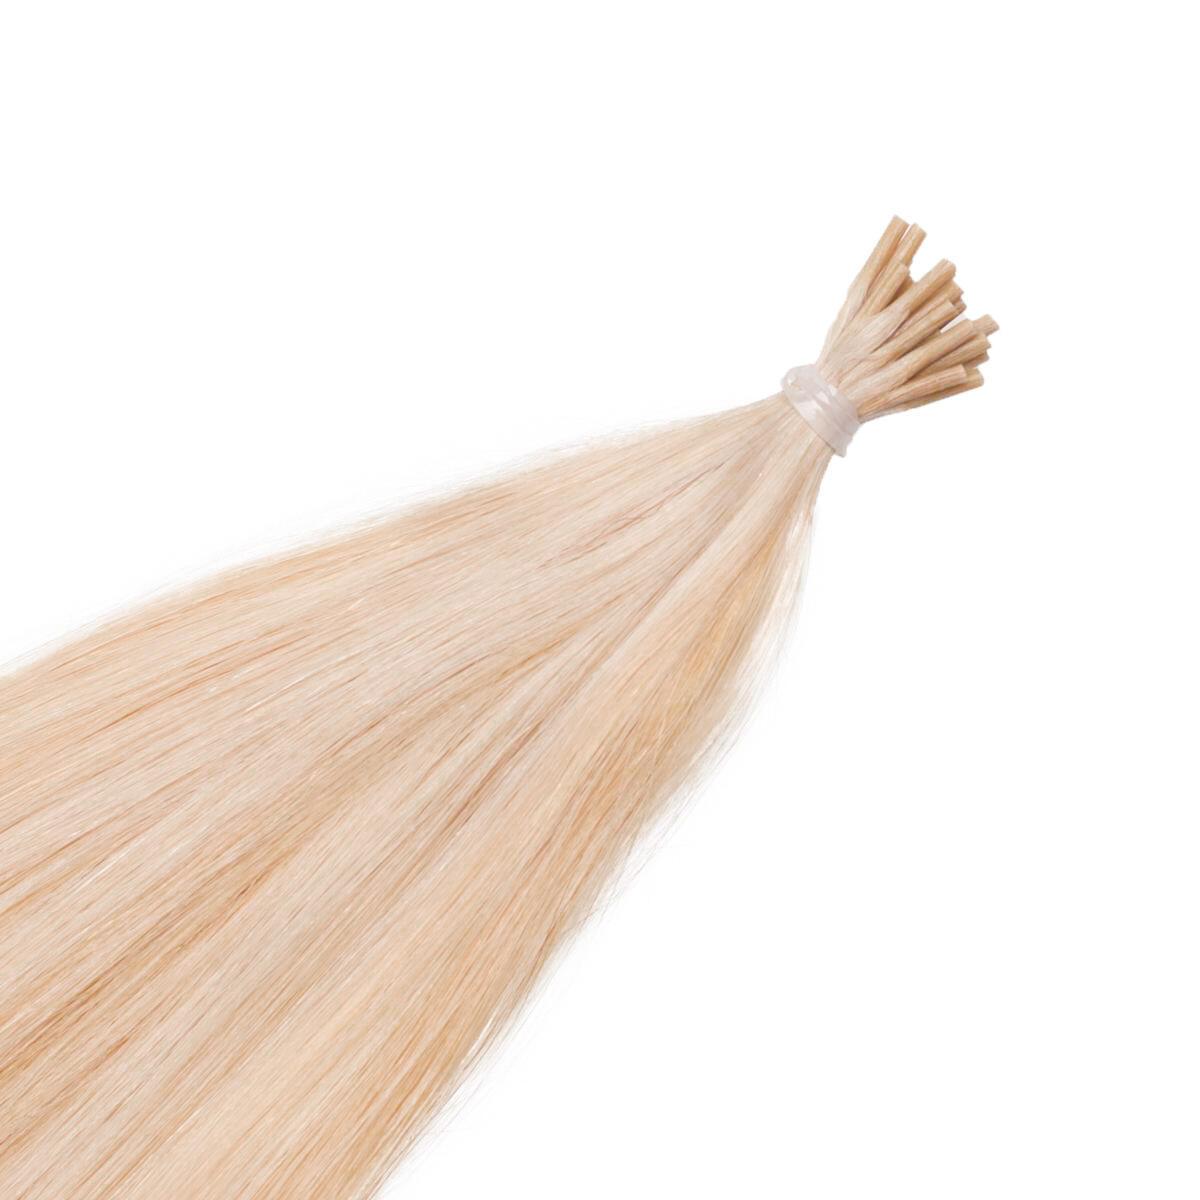 Stick Hair Original Straight M7.8/10.8 Light Golden Mix 50 cm